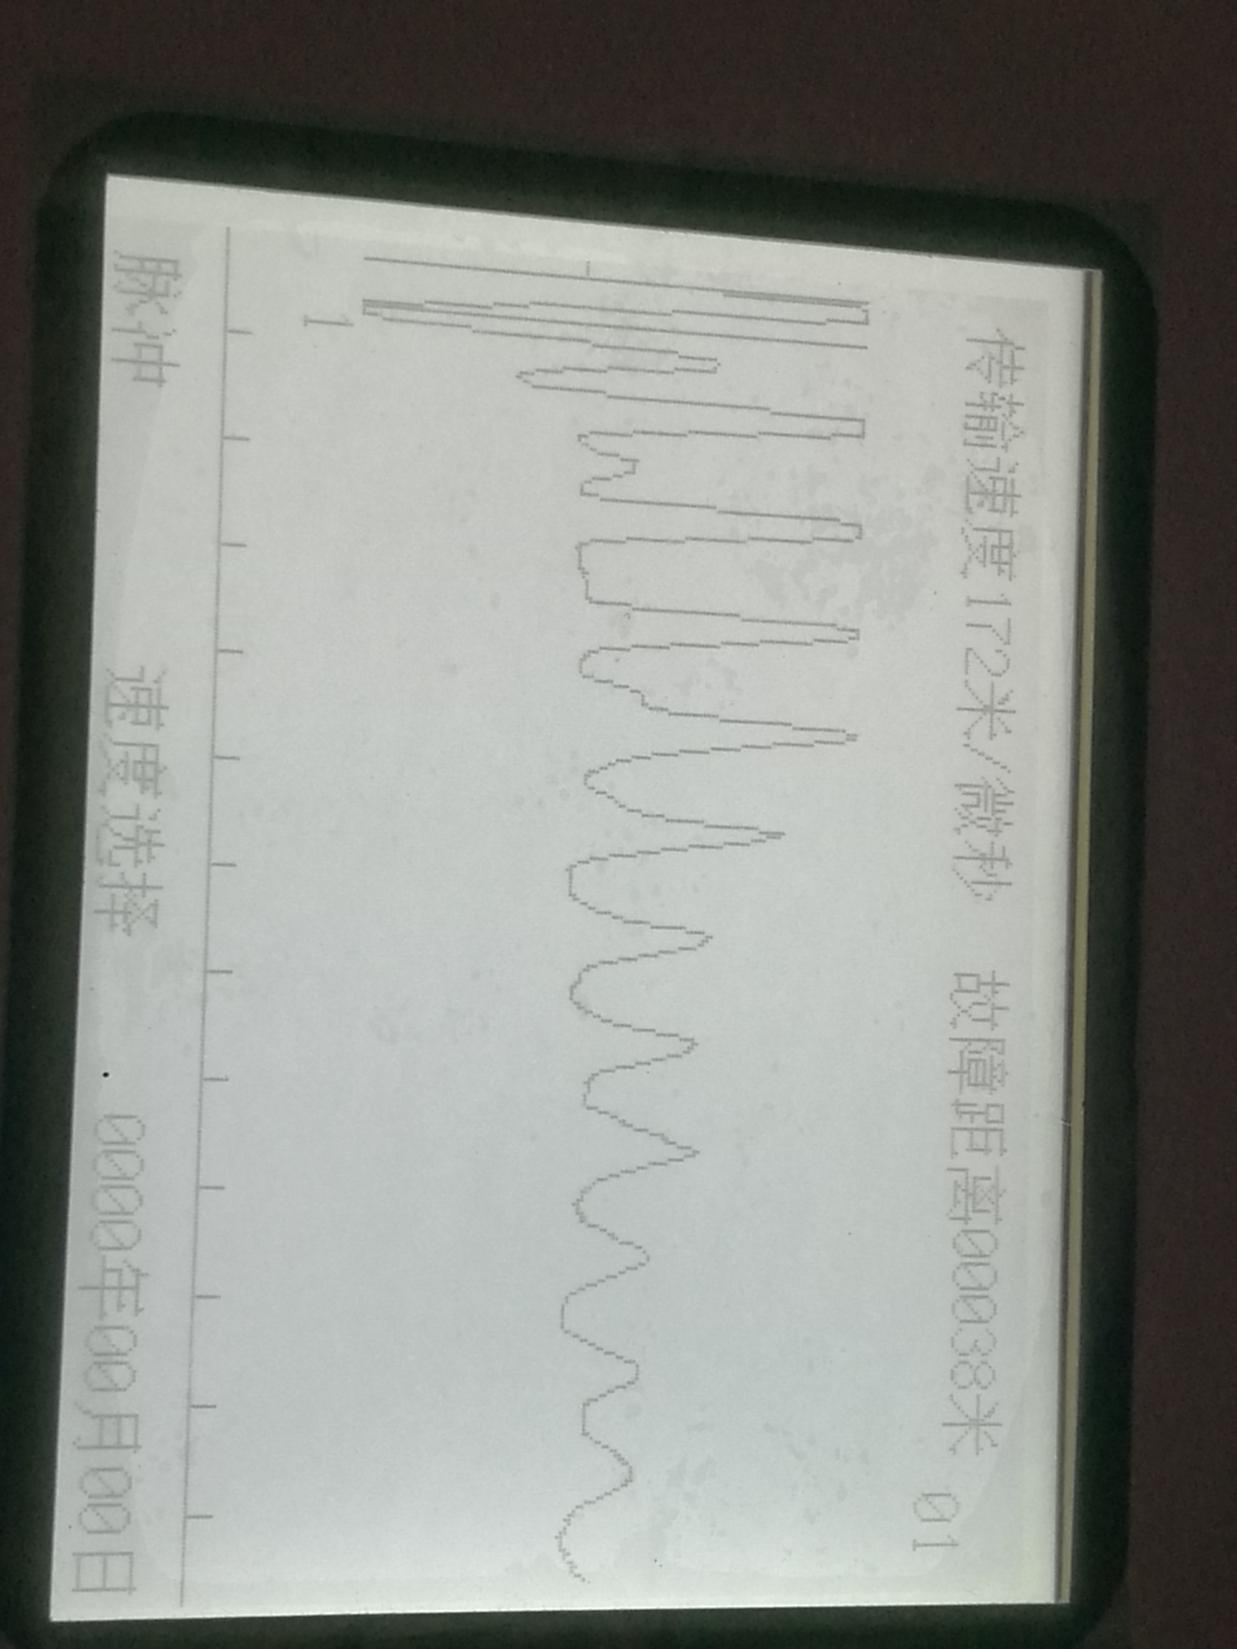 电缆故障产生的机理概述与测距正规演示,这一把干货价值百万